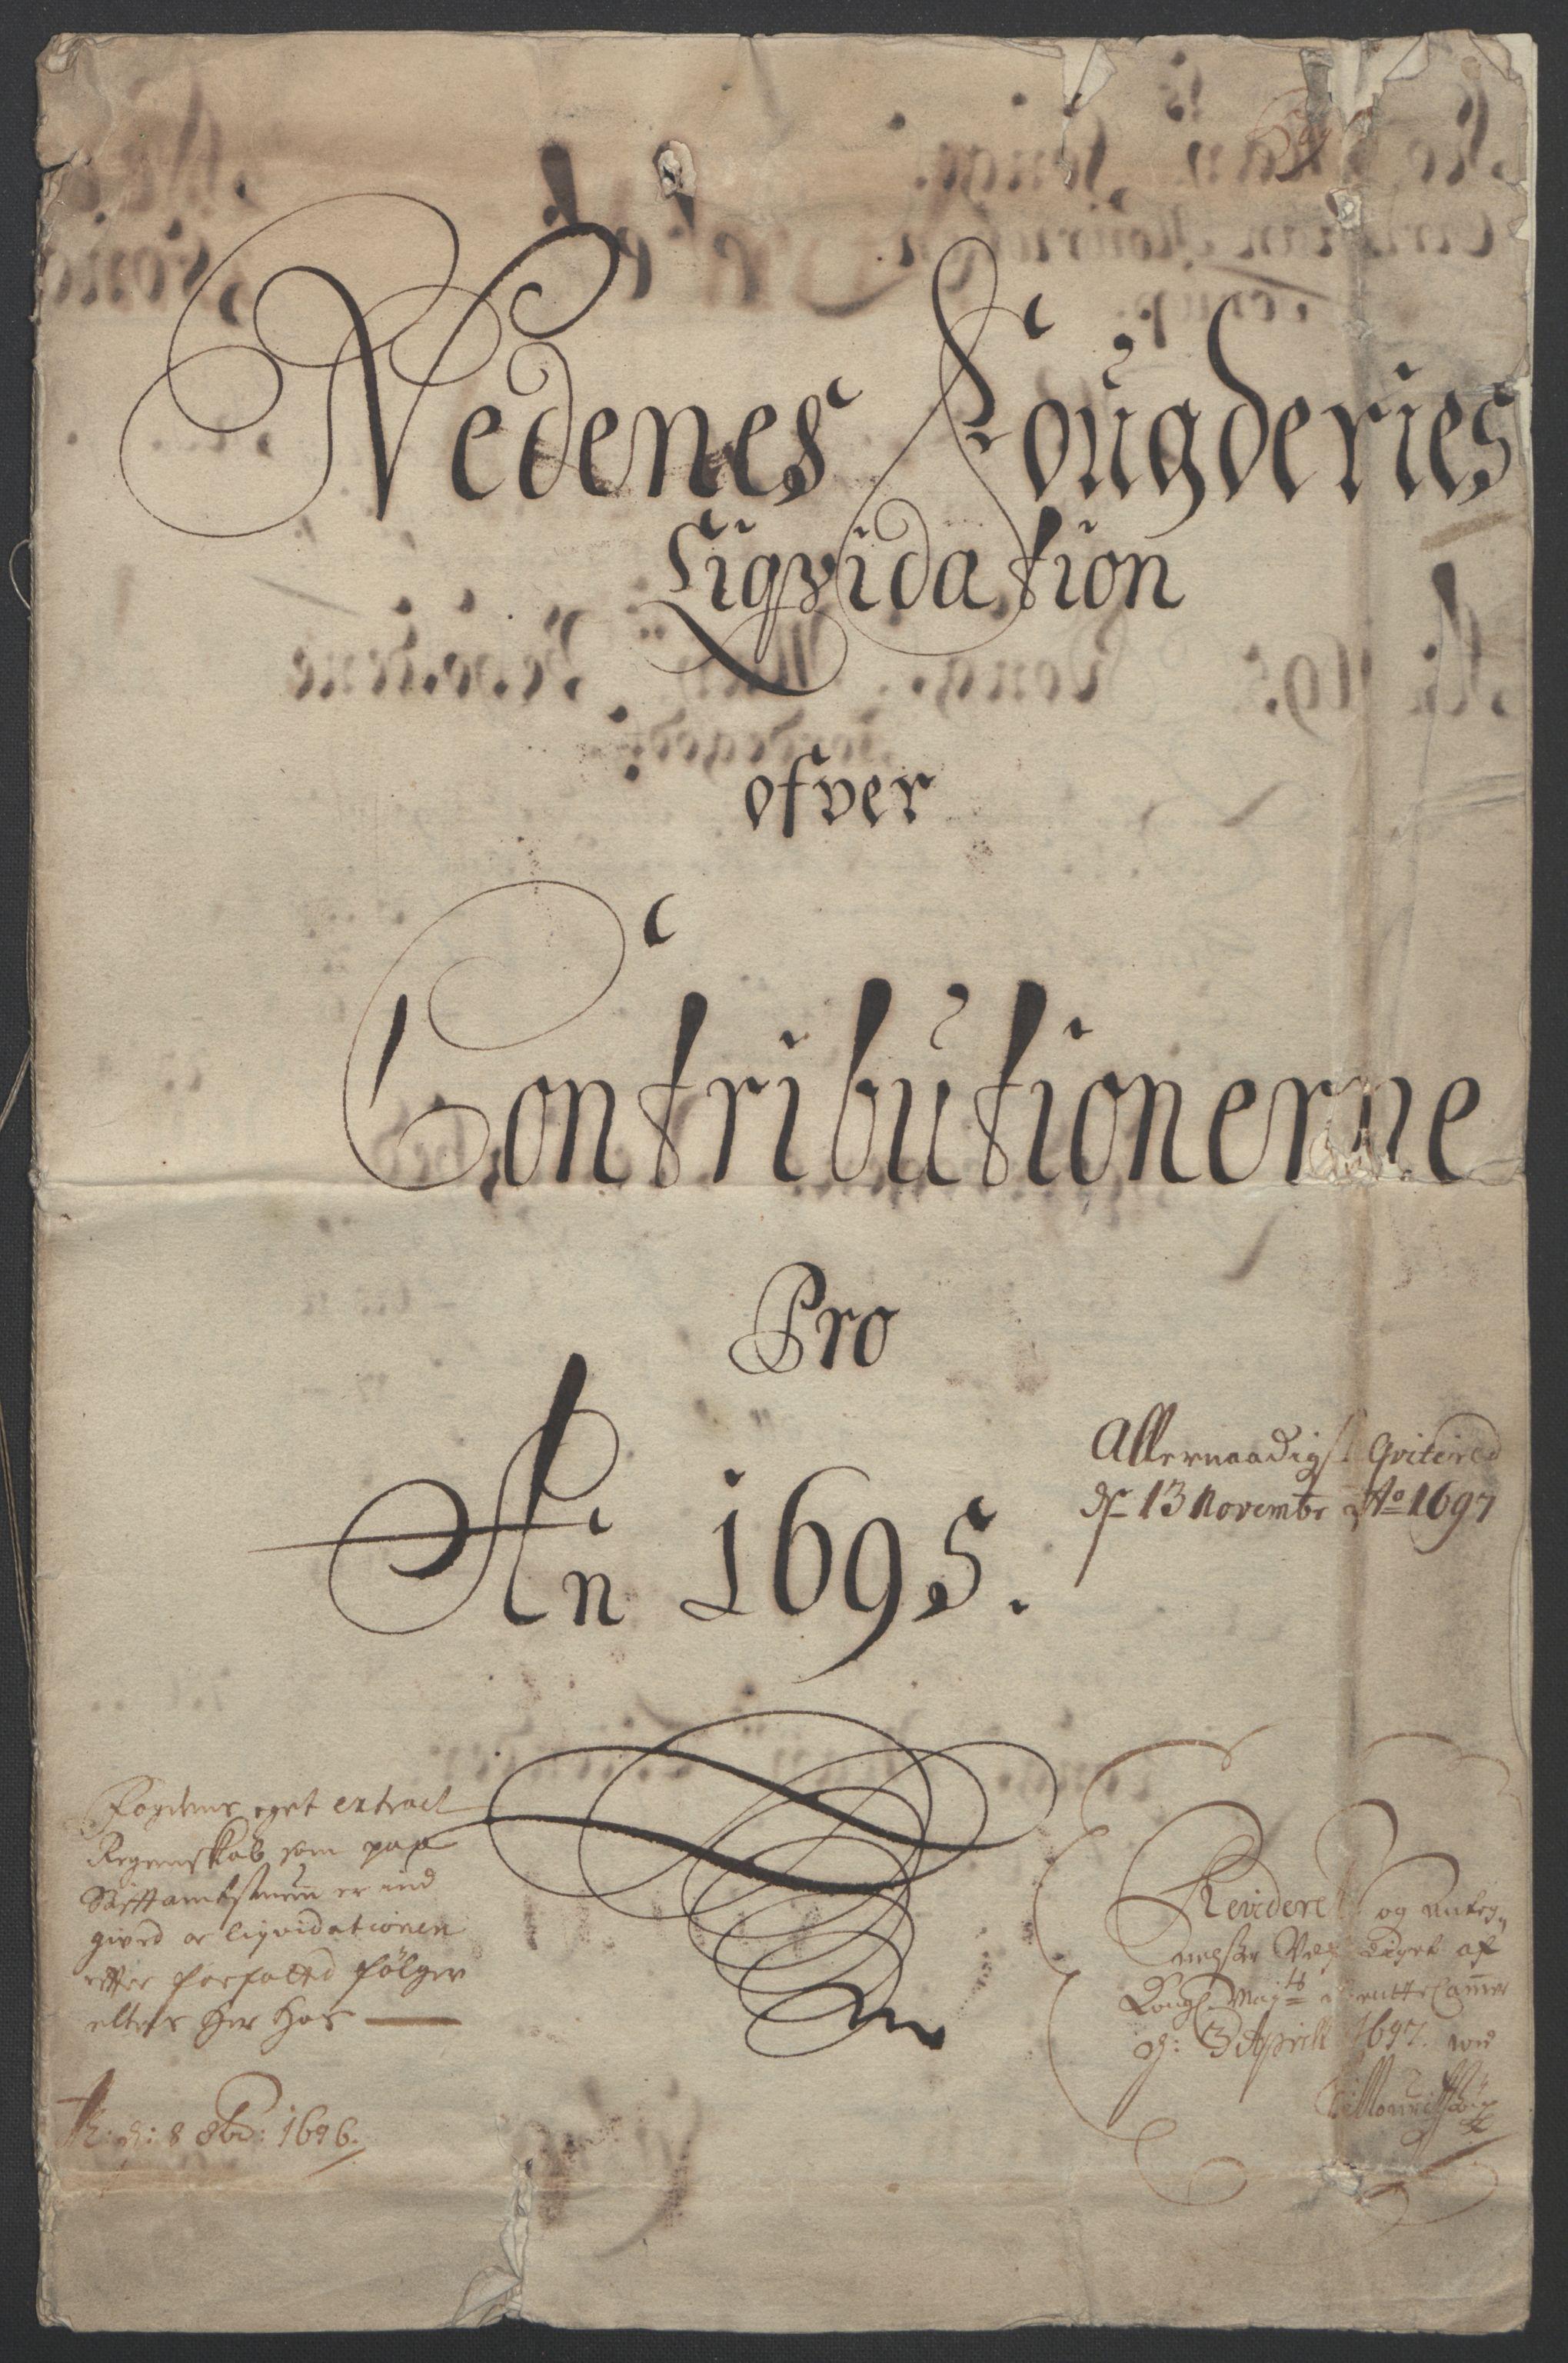 RA, Rentekammeret inntil 1814, Reviderte regnskaper, Fogderegnskap, R39/L2312: Fogderegnskap Nedenes, 1693-1695, s. 226